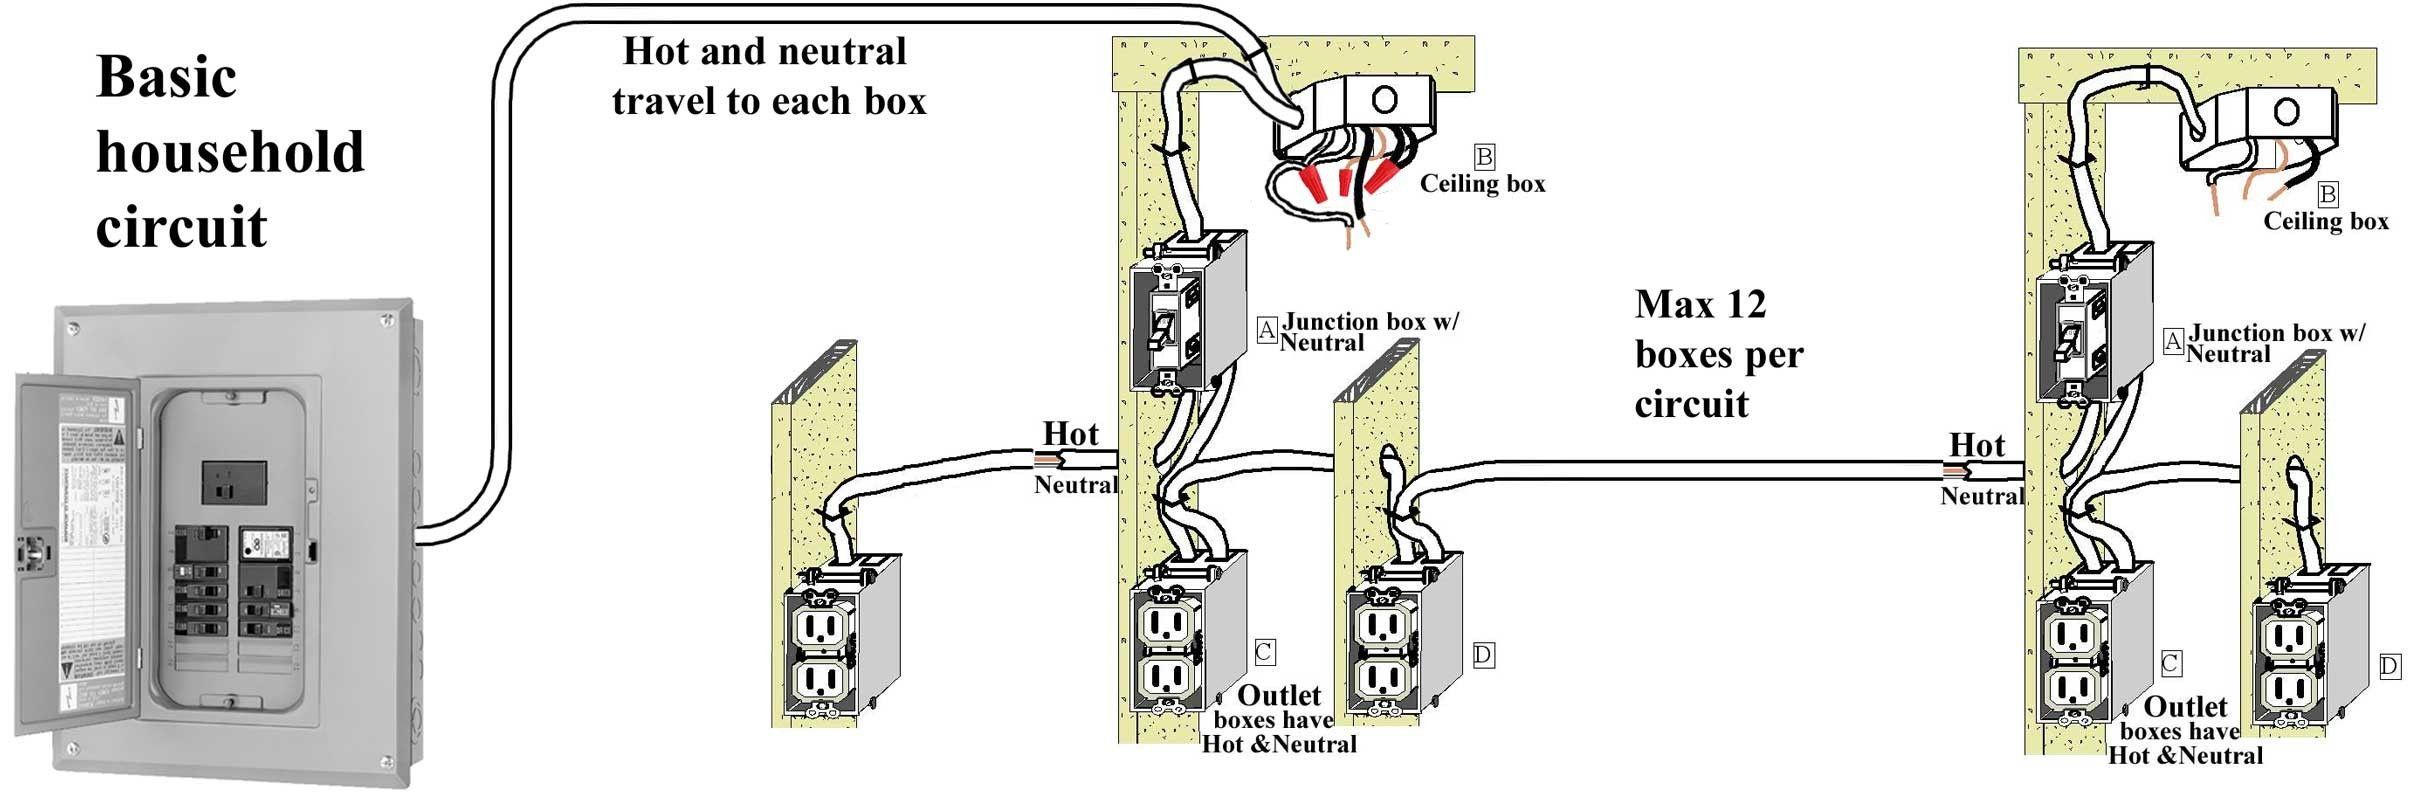 domestic electrical wiring diagram books diagram diagramtemplate diagramsample [ 2431 x 800 Pixel ]